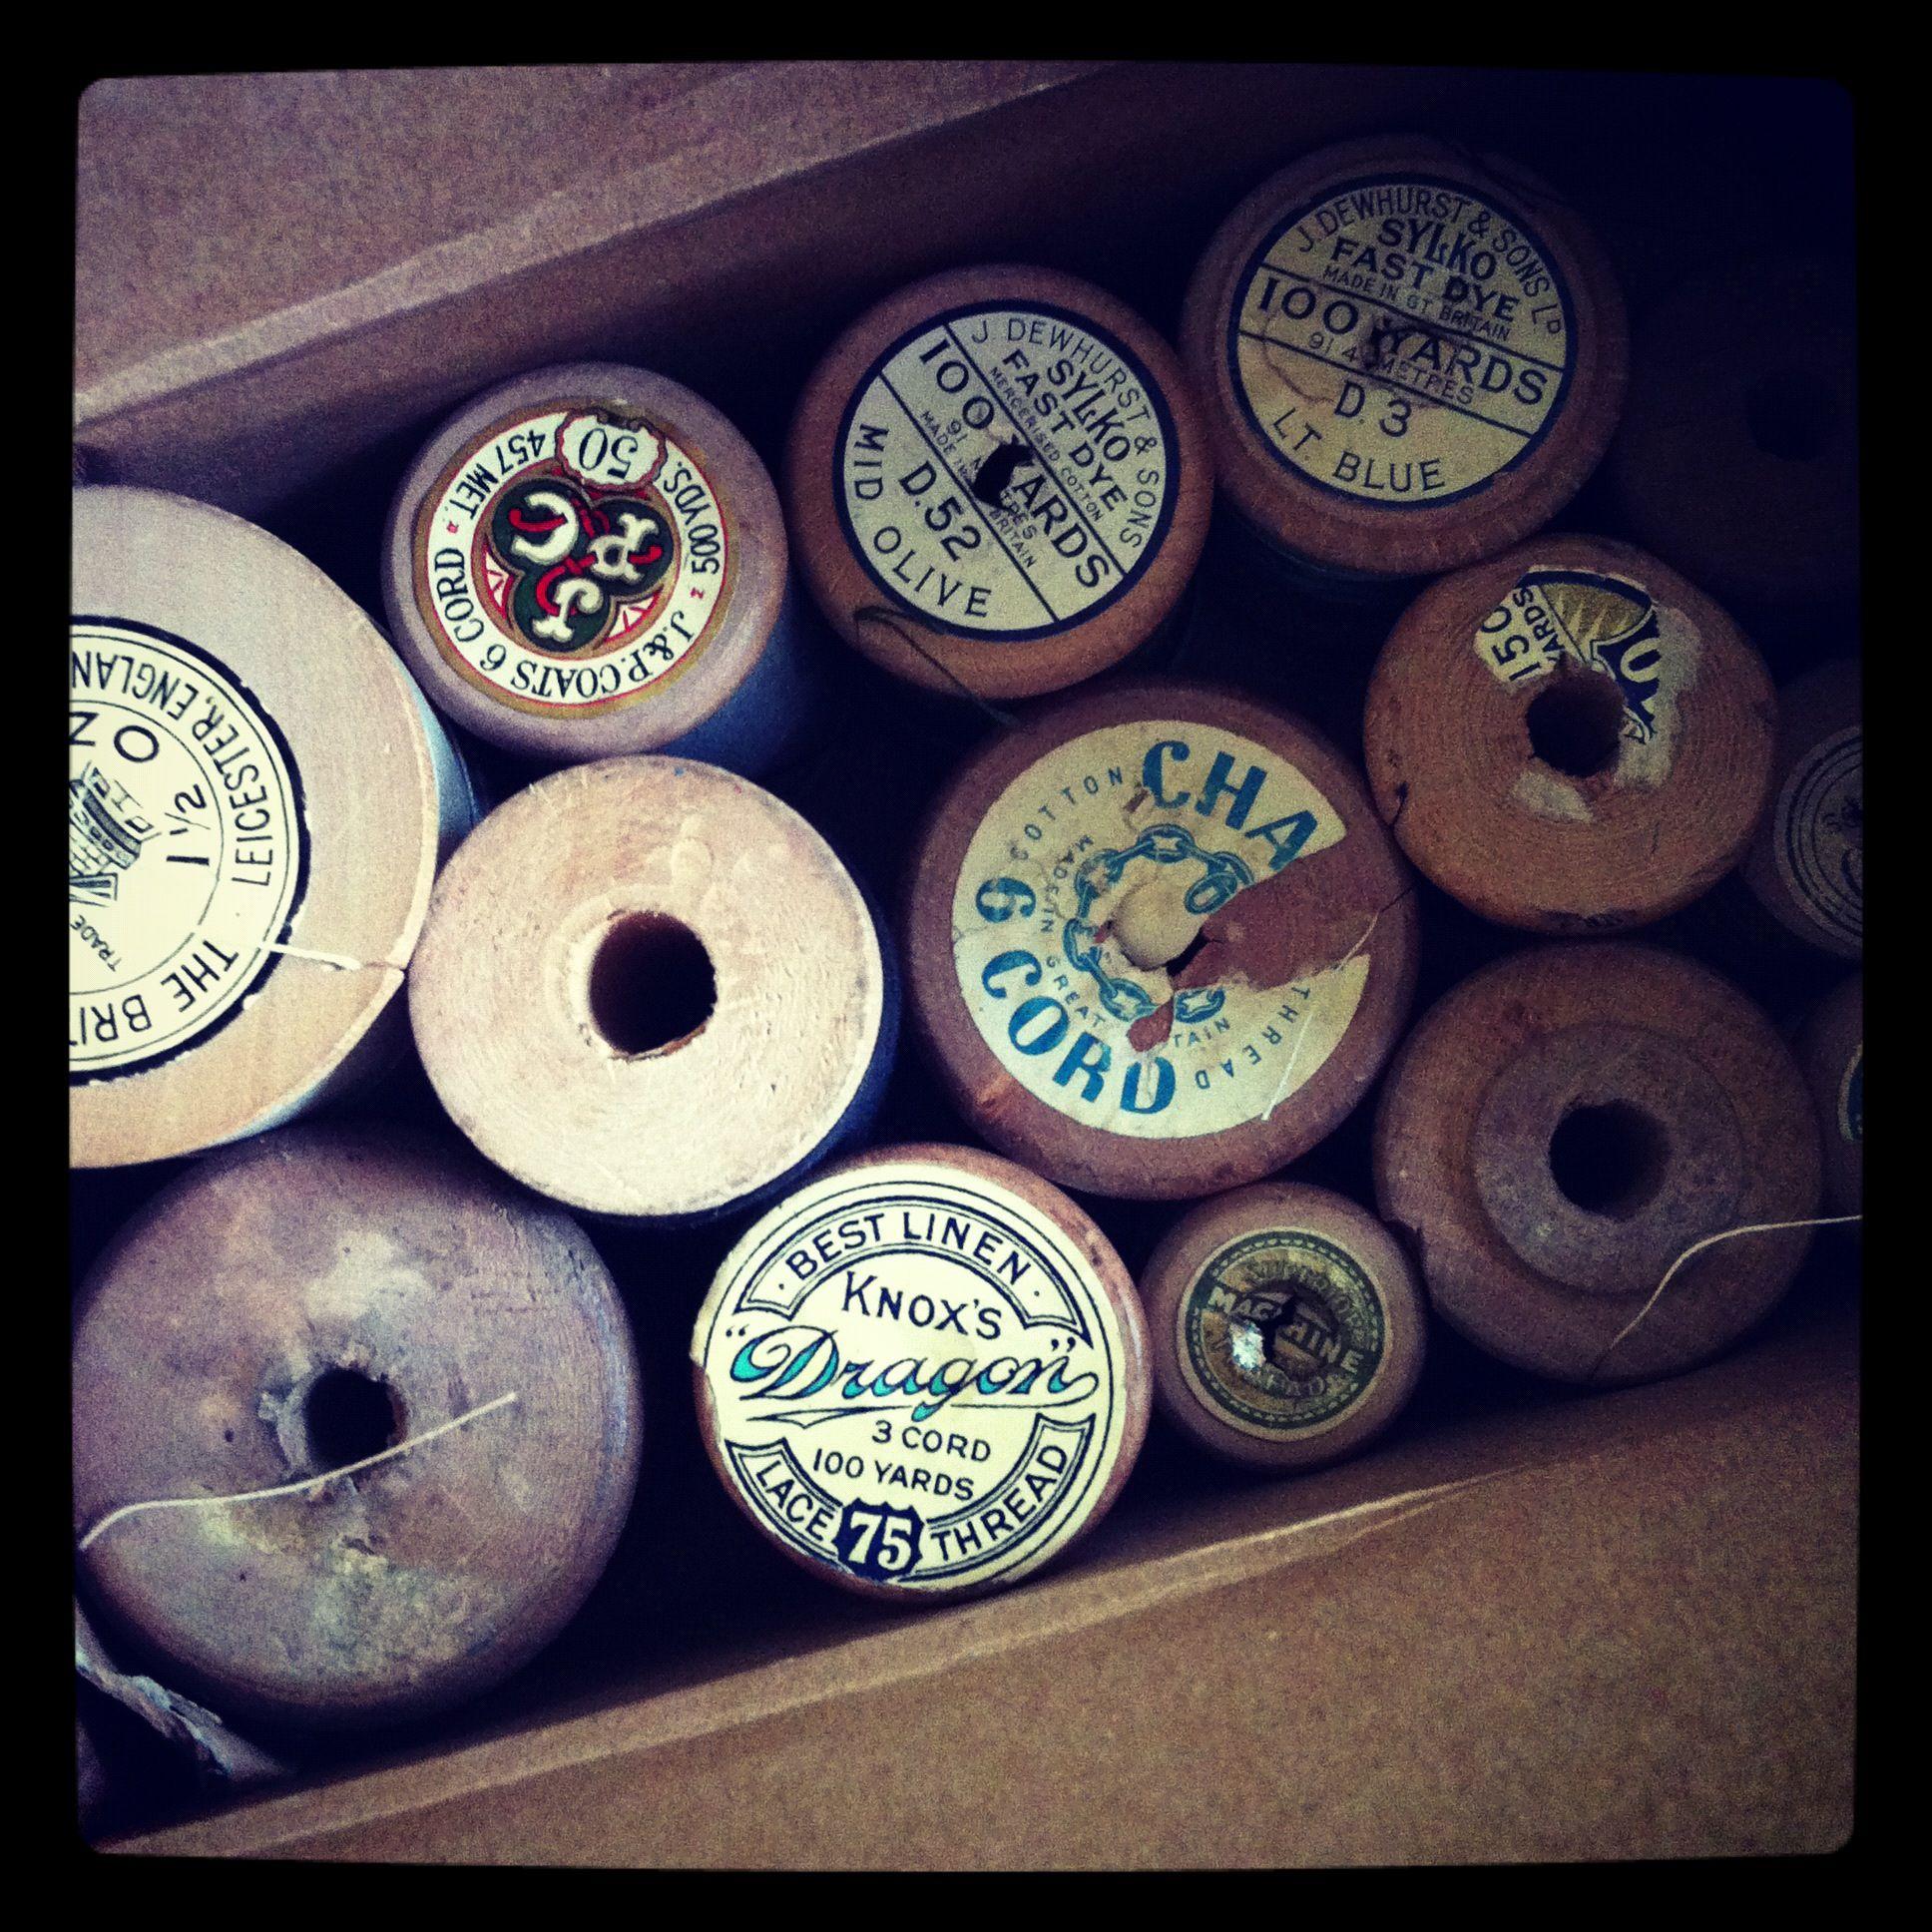 My vintage wooden bobbins have arrived!